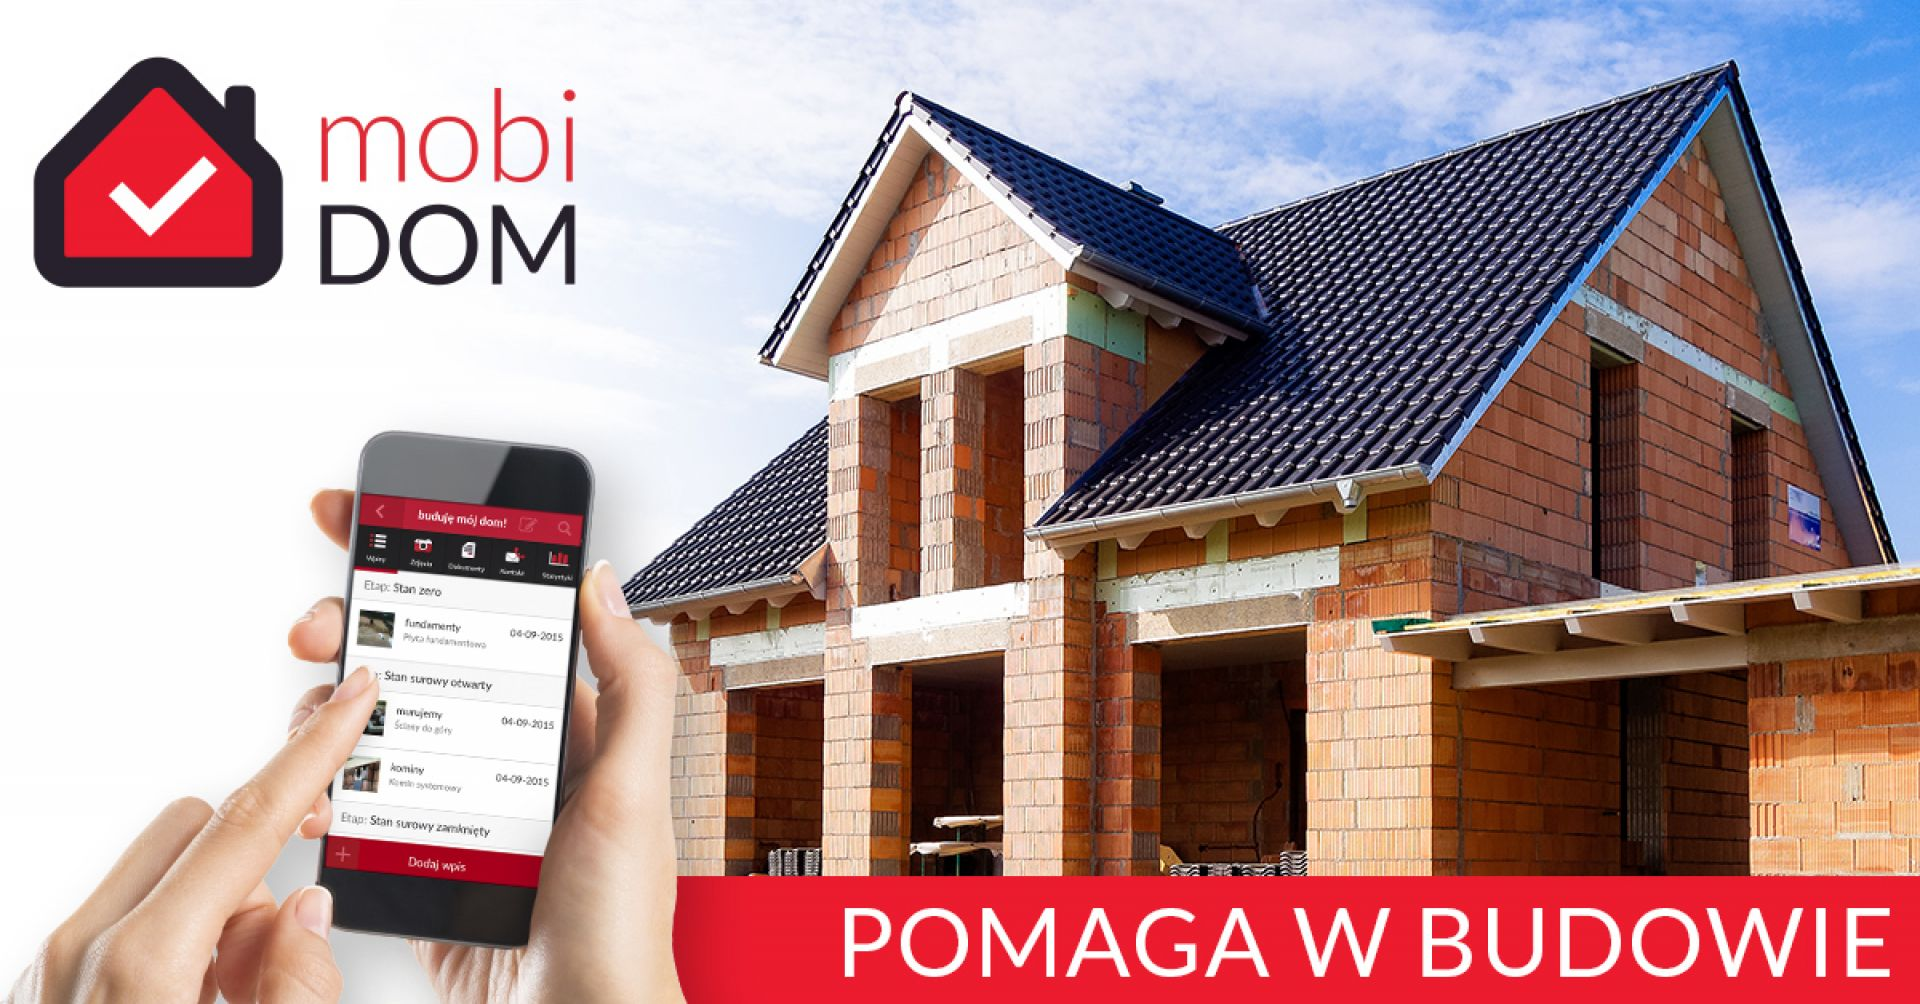 Aplikacja mobiDOM została stworzona z myślą o wszystkich, którzy budują dom jednorodzinny. Po zalogowaniu, użytkownik otrzymuje dostęp do kompleksowego przewodnika, który krok po kroku prowadzi go przez poszczególne etapy inwestycji. Fot. mobiDOM